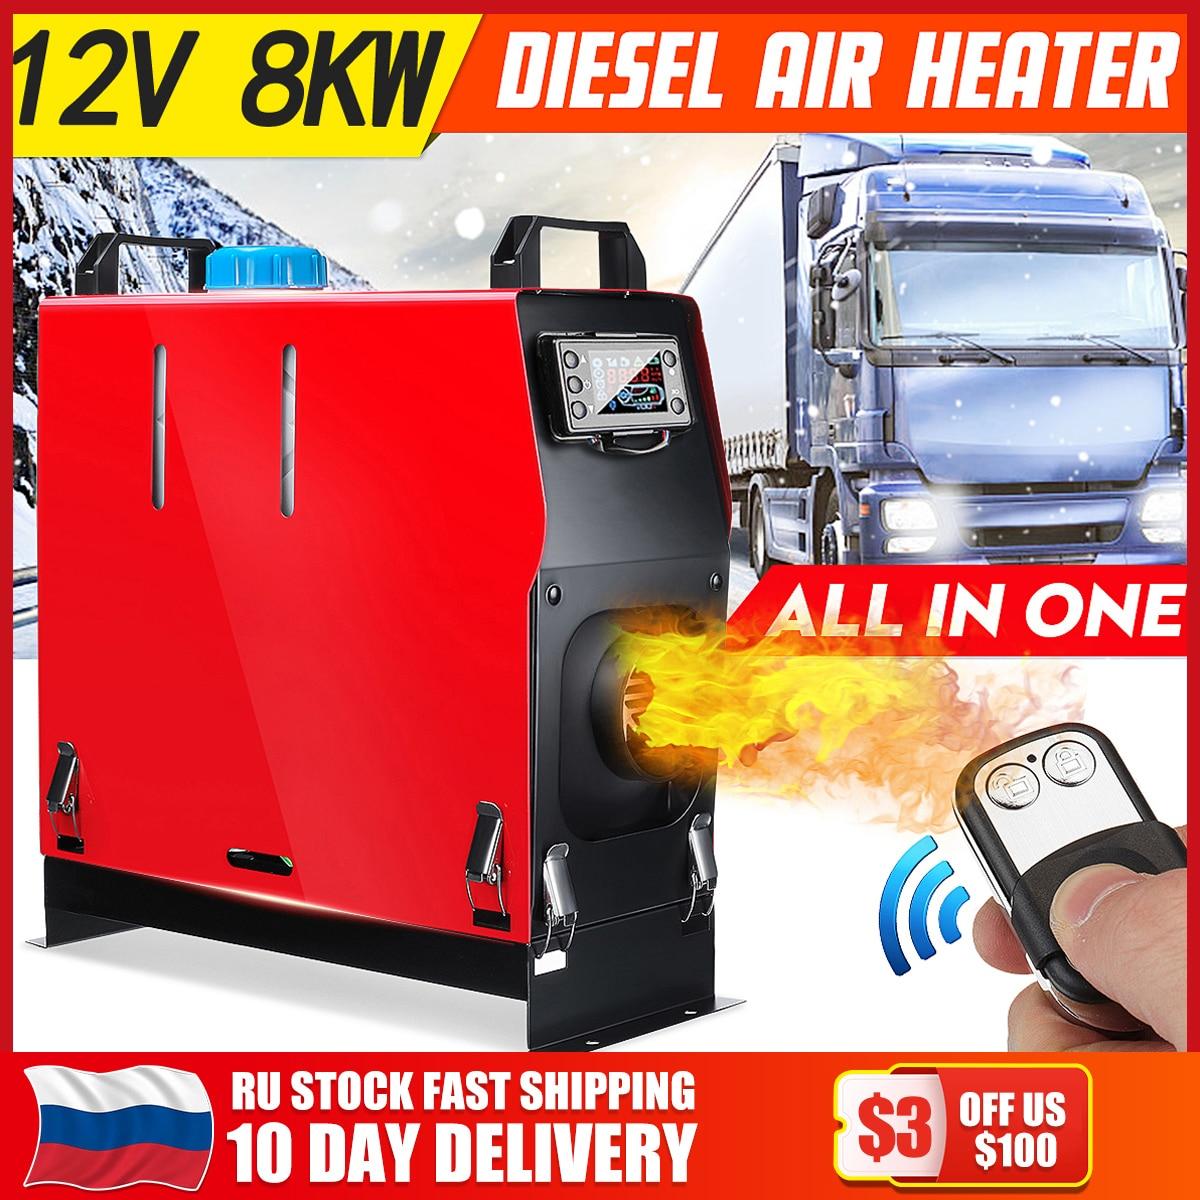 Wszystko w jednym grzejnik na olej napędowy 1KW-8KW regulowany 12V jeden otwór podgrzewacz samochodowy na silnik ciężarówek-domy łodzie autobus + przełącznik kluczykowy LCD + pilot